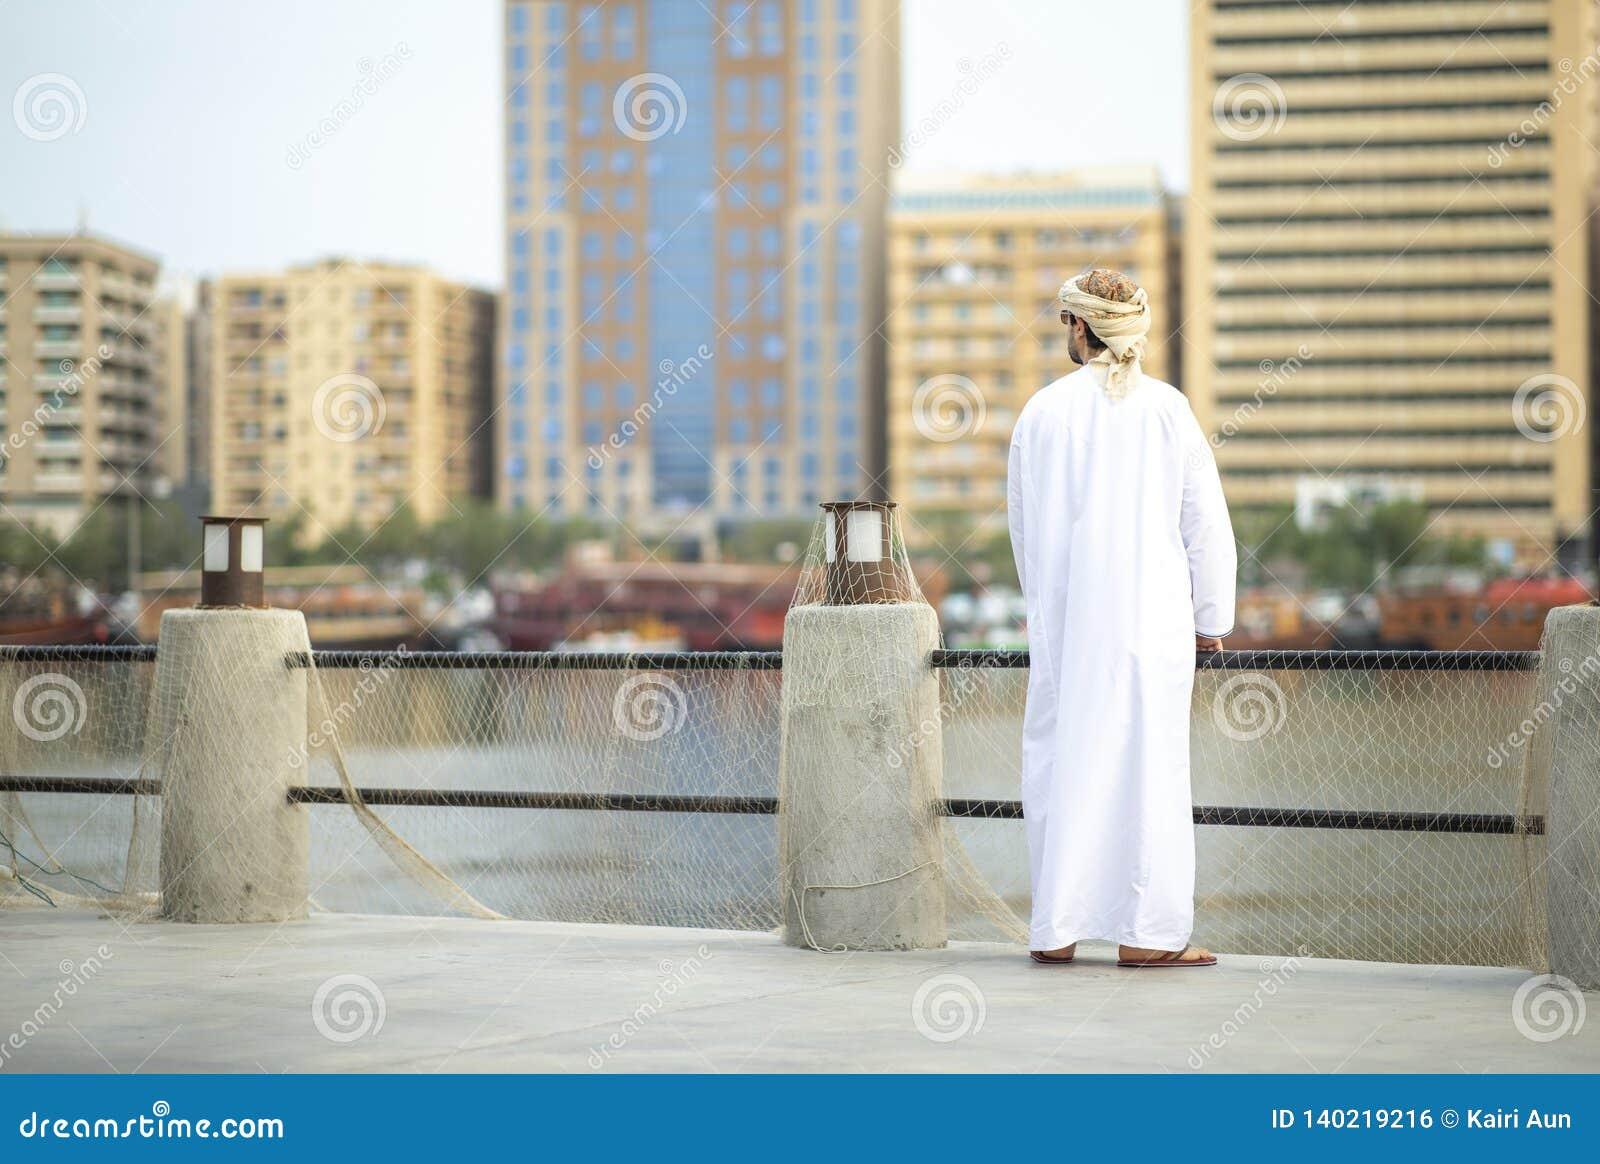 Al老迪拜的泽夫部分的阿拉伯人